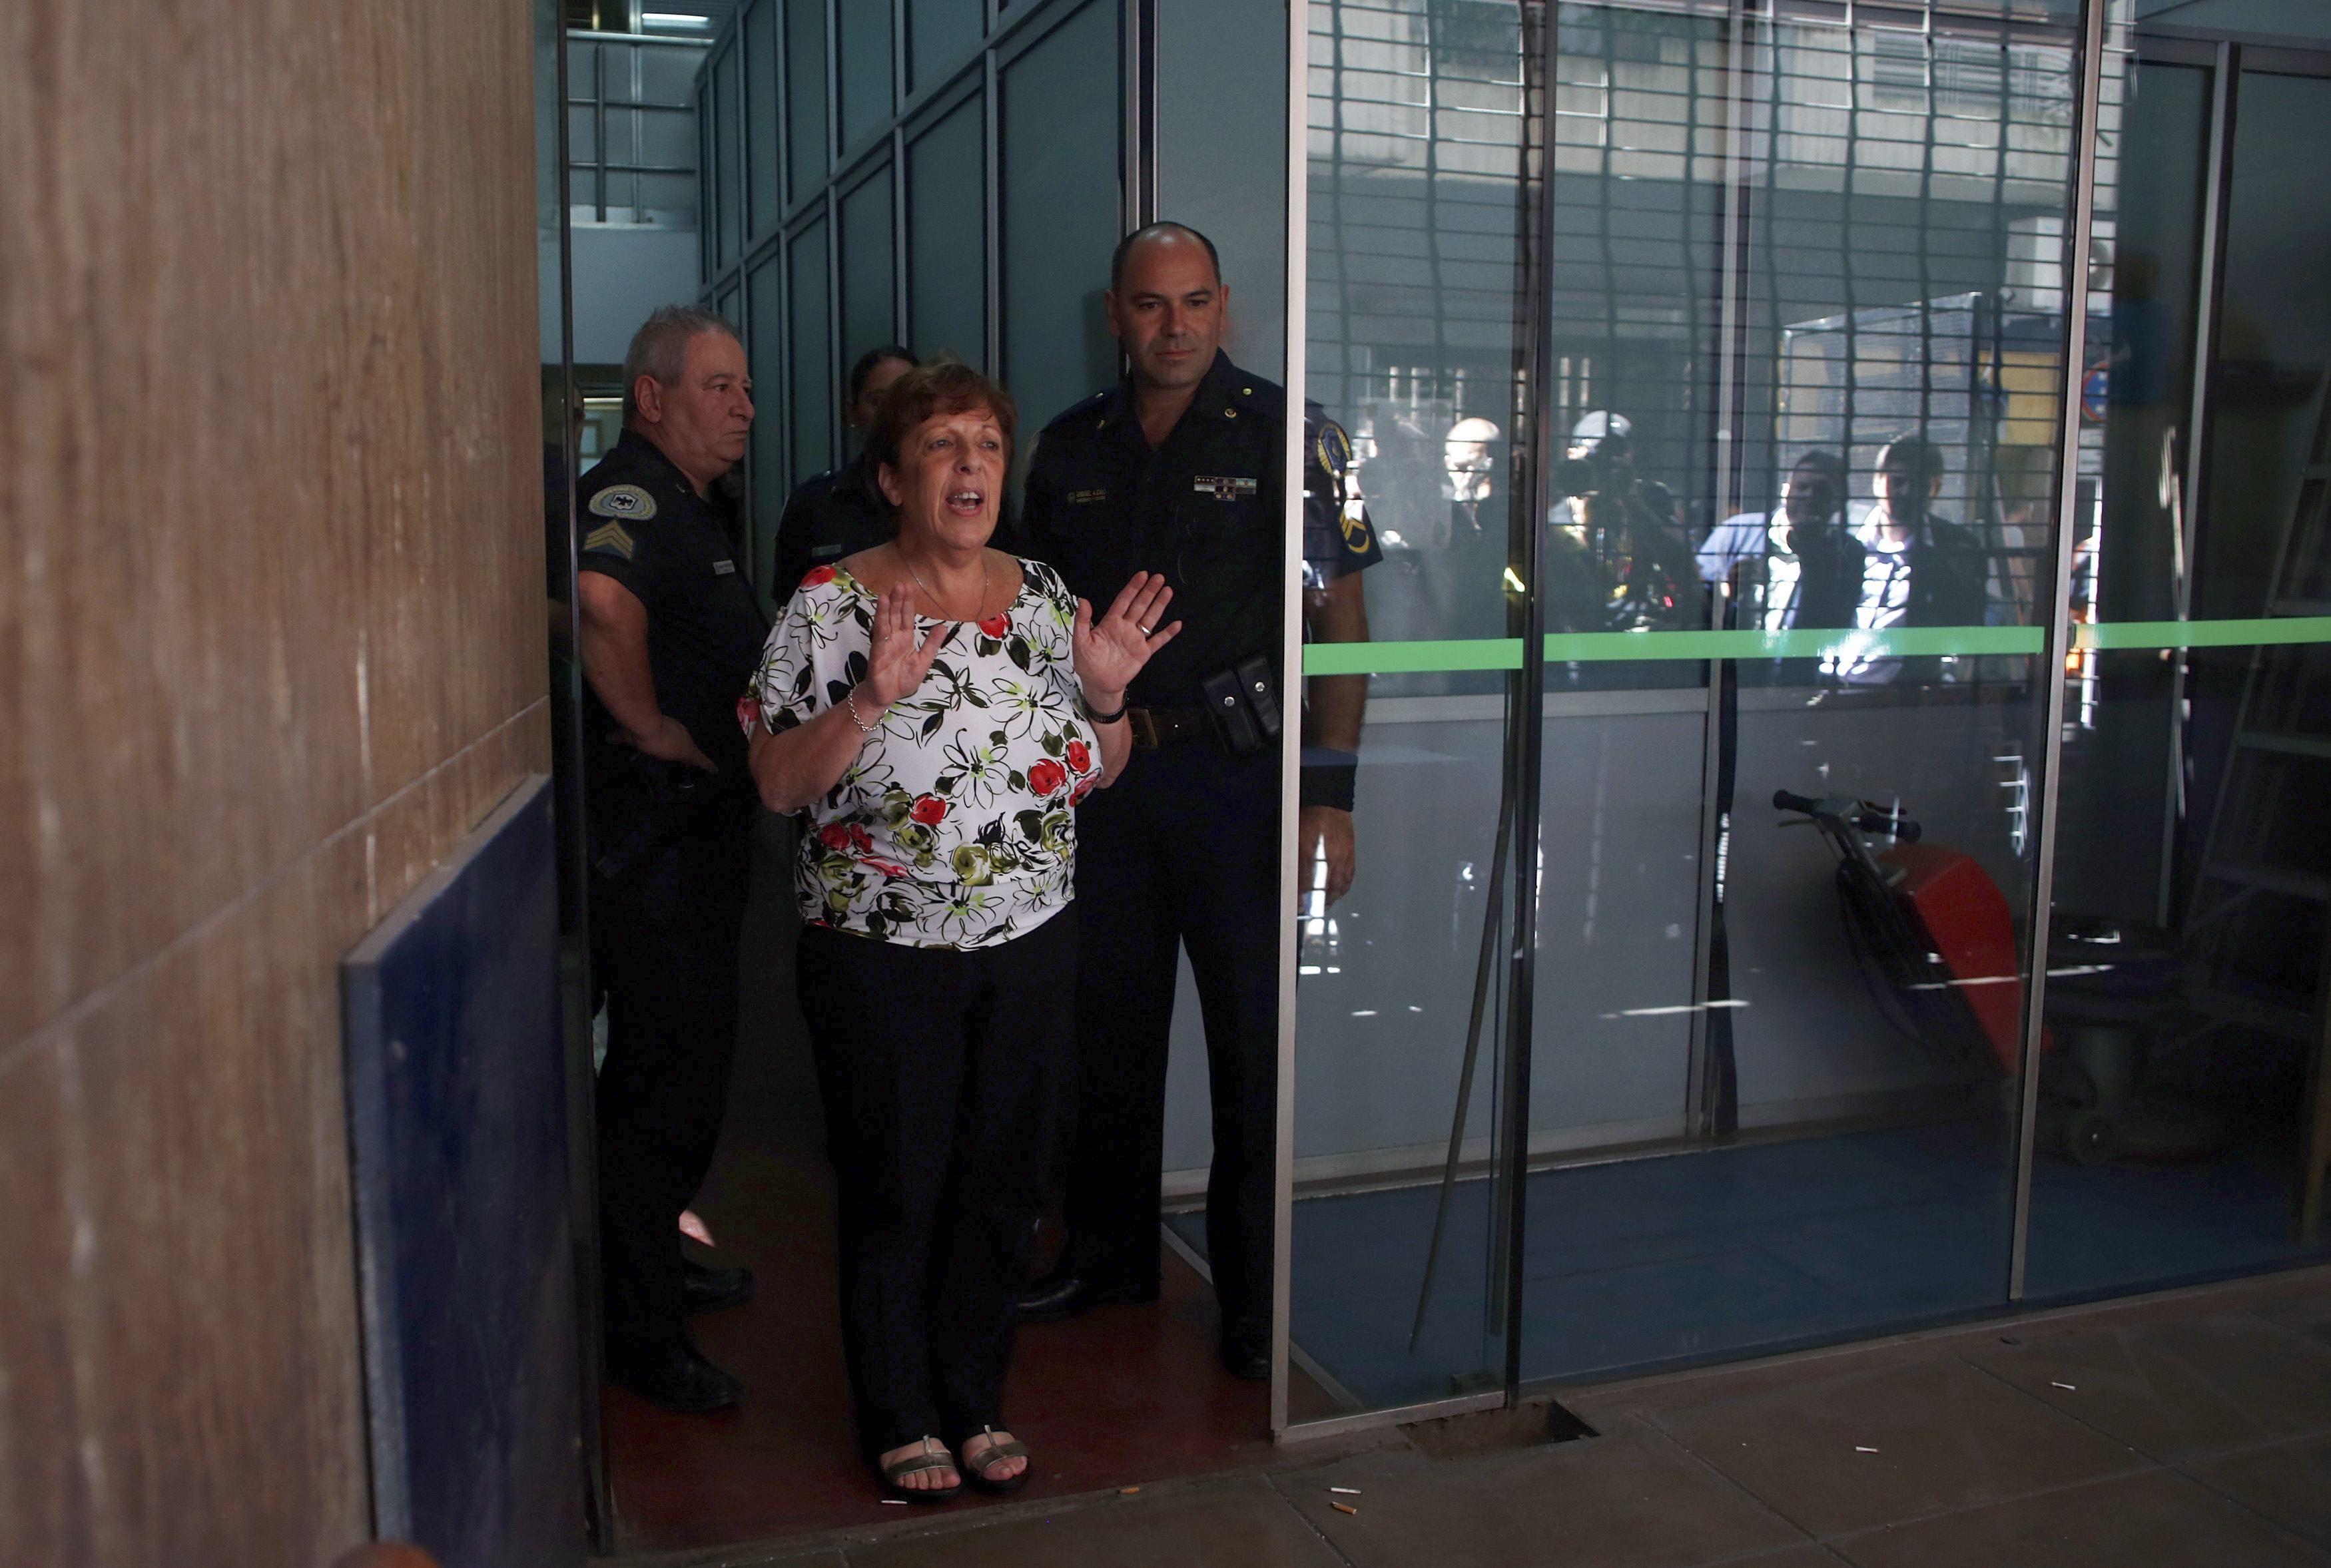 La fiscal Viviana Fein reveló que el abogado de Antonio Stiuso no puso reparos para que declare en la causa por la muerte de Nisman.